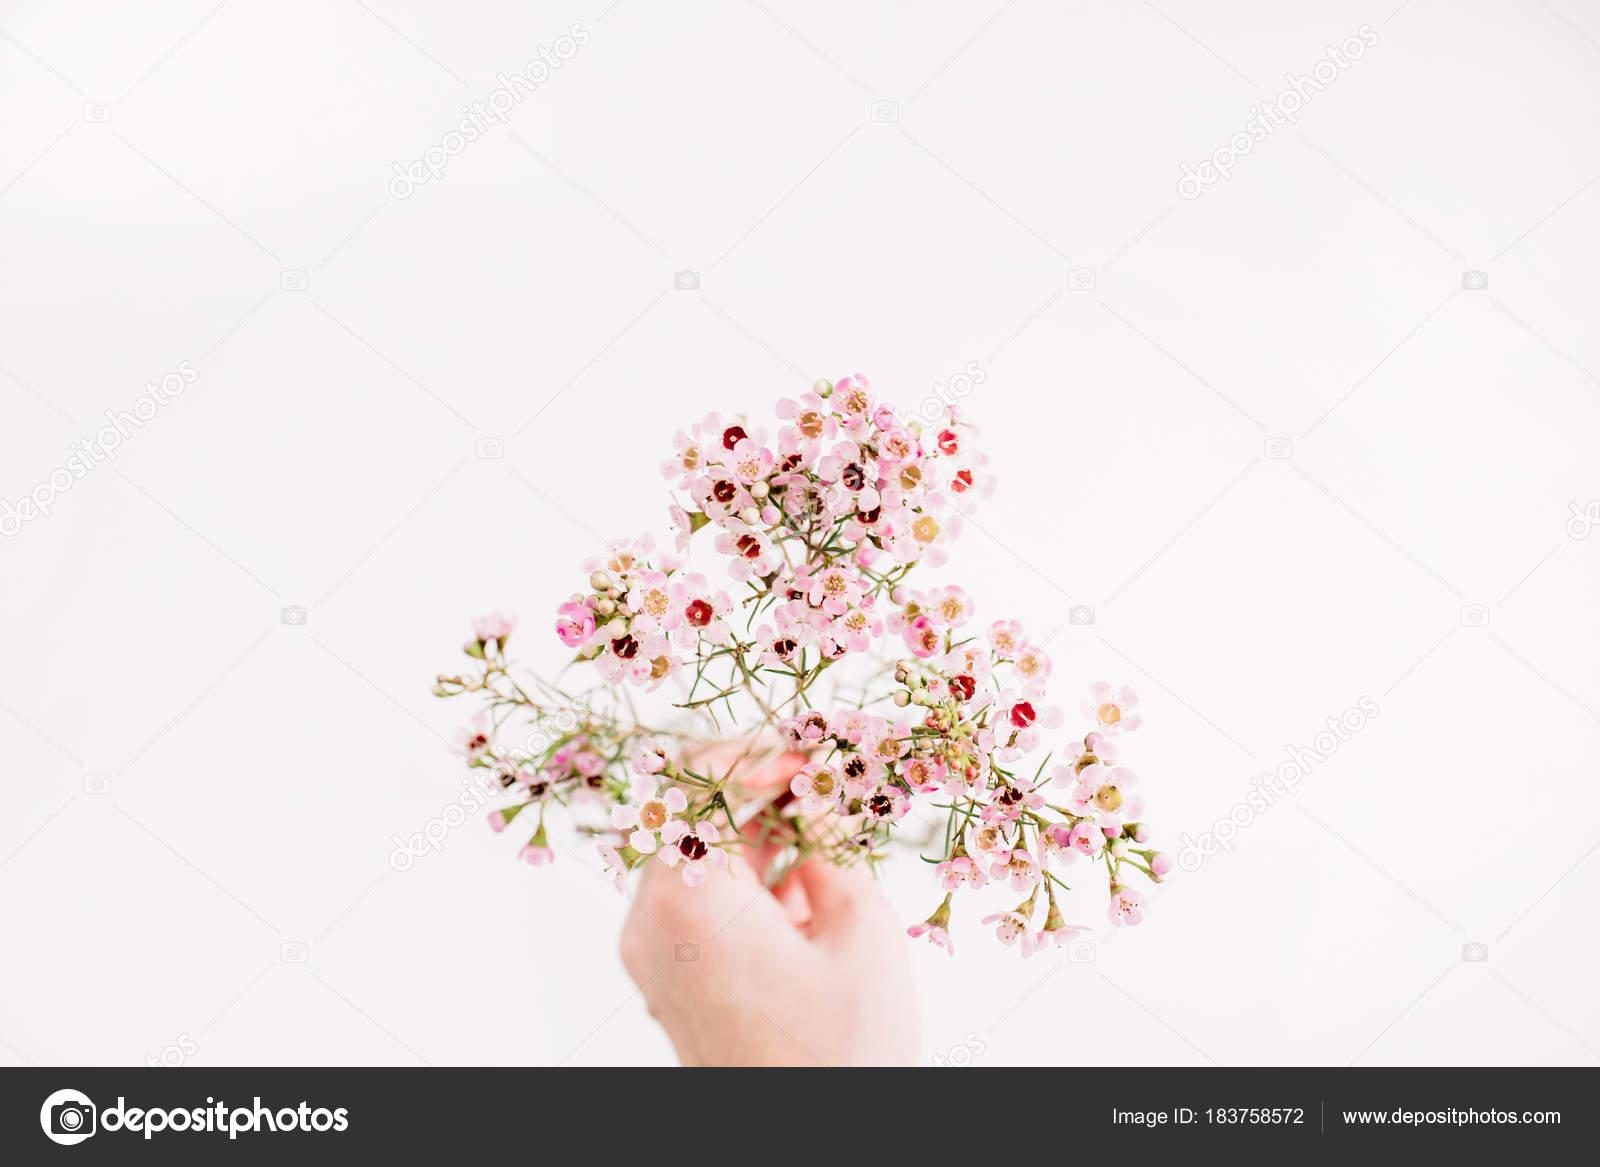 Mão Mulher Segura Ramo Flores Silvestres Fundo Branco Fundo Floral